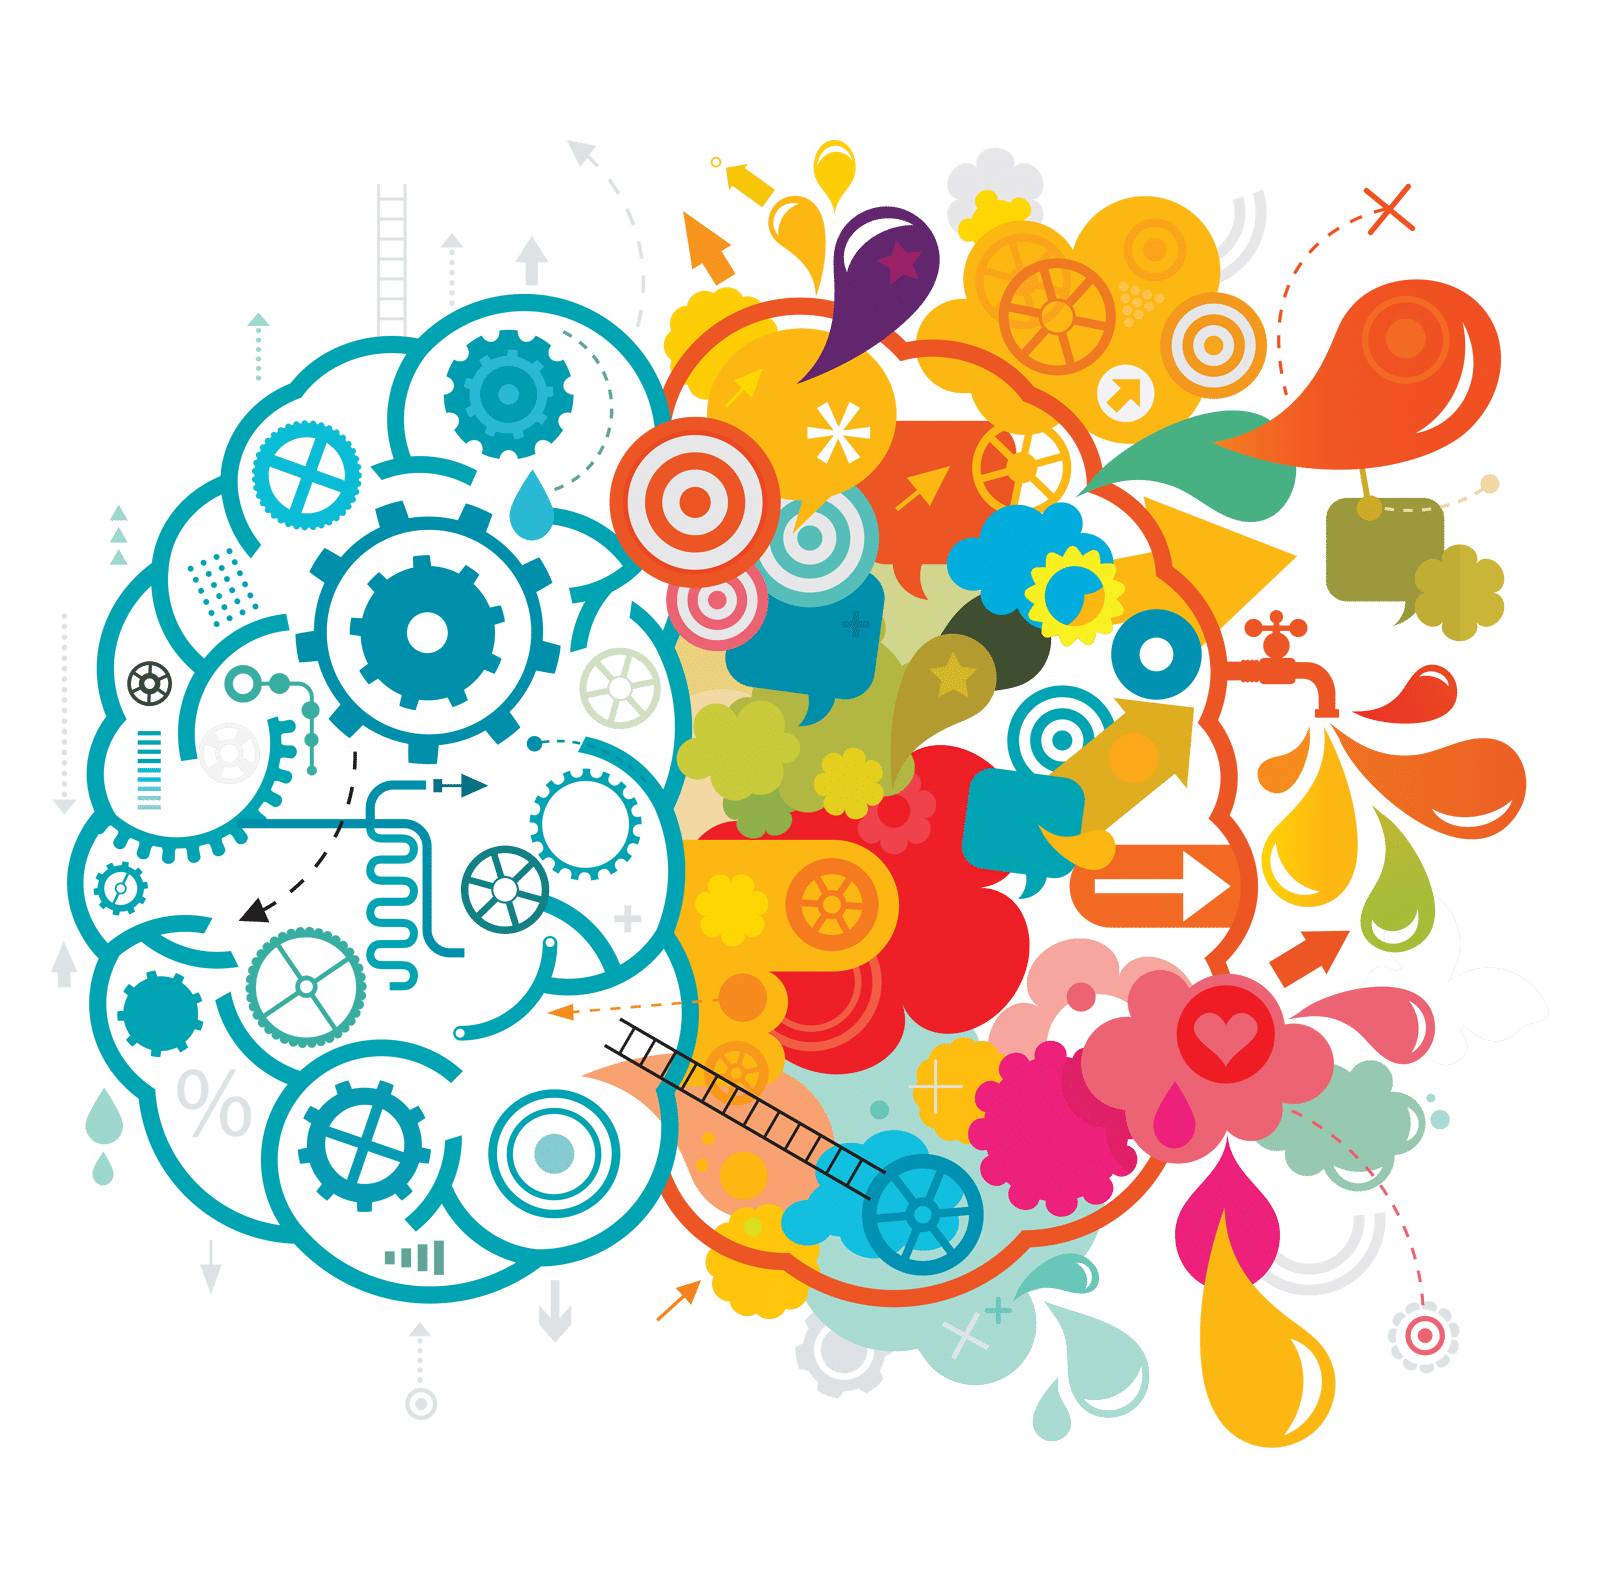 cómo desarrollar la creatividad